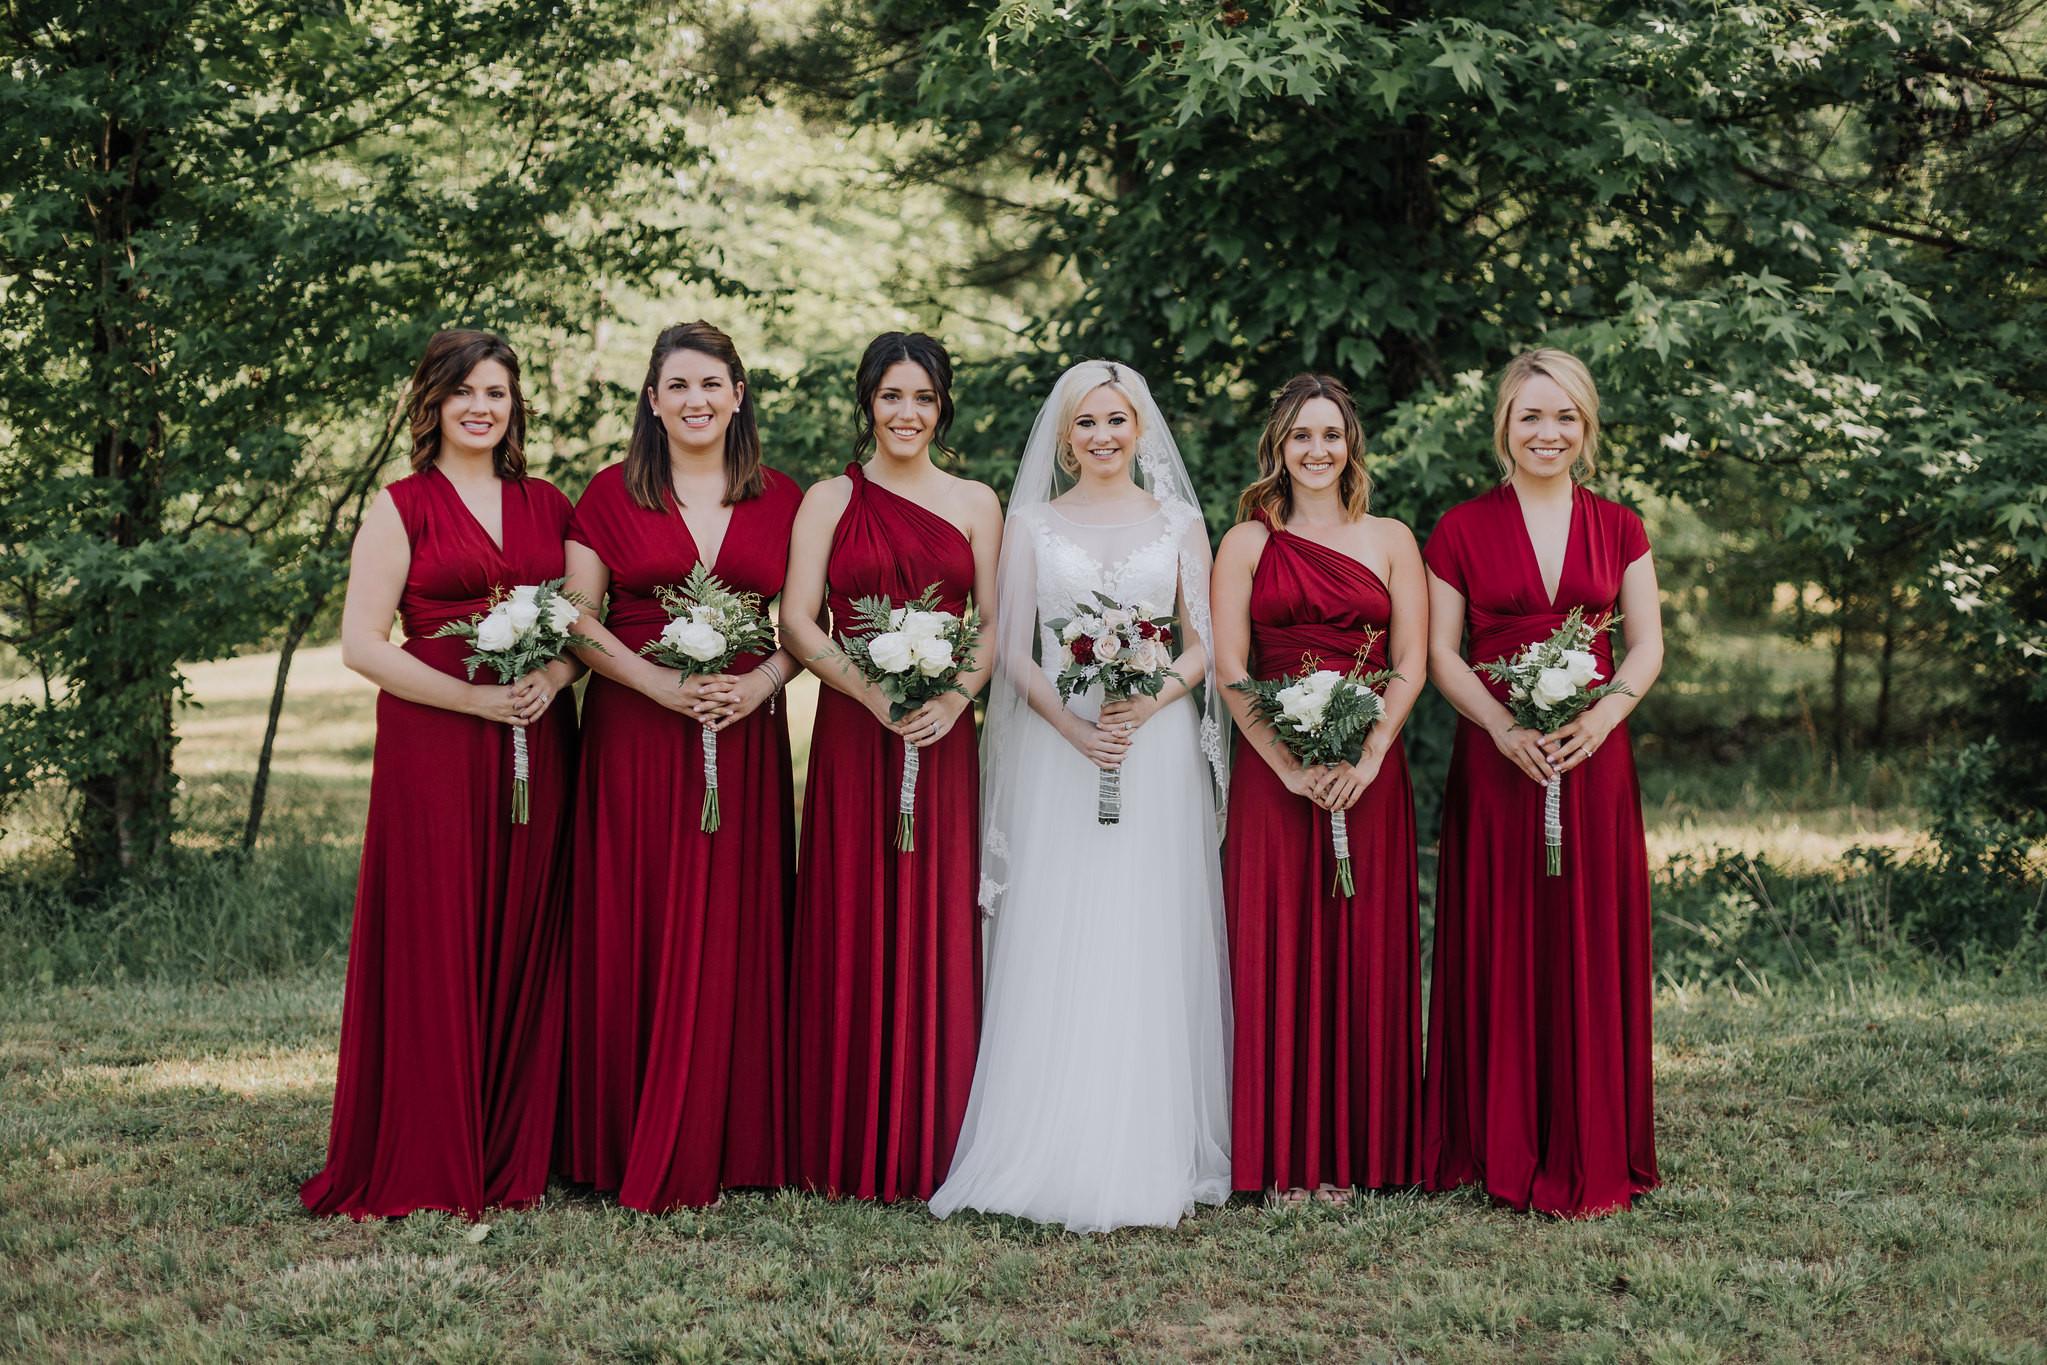 Weddings - SWEET & SIMPLE